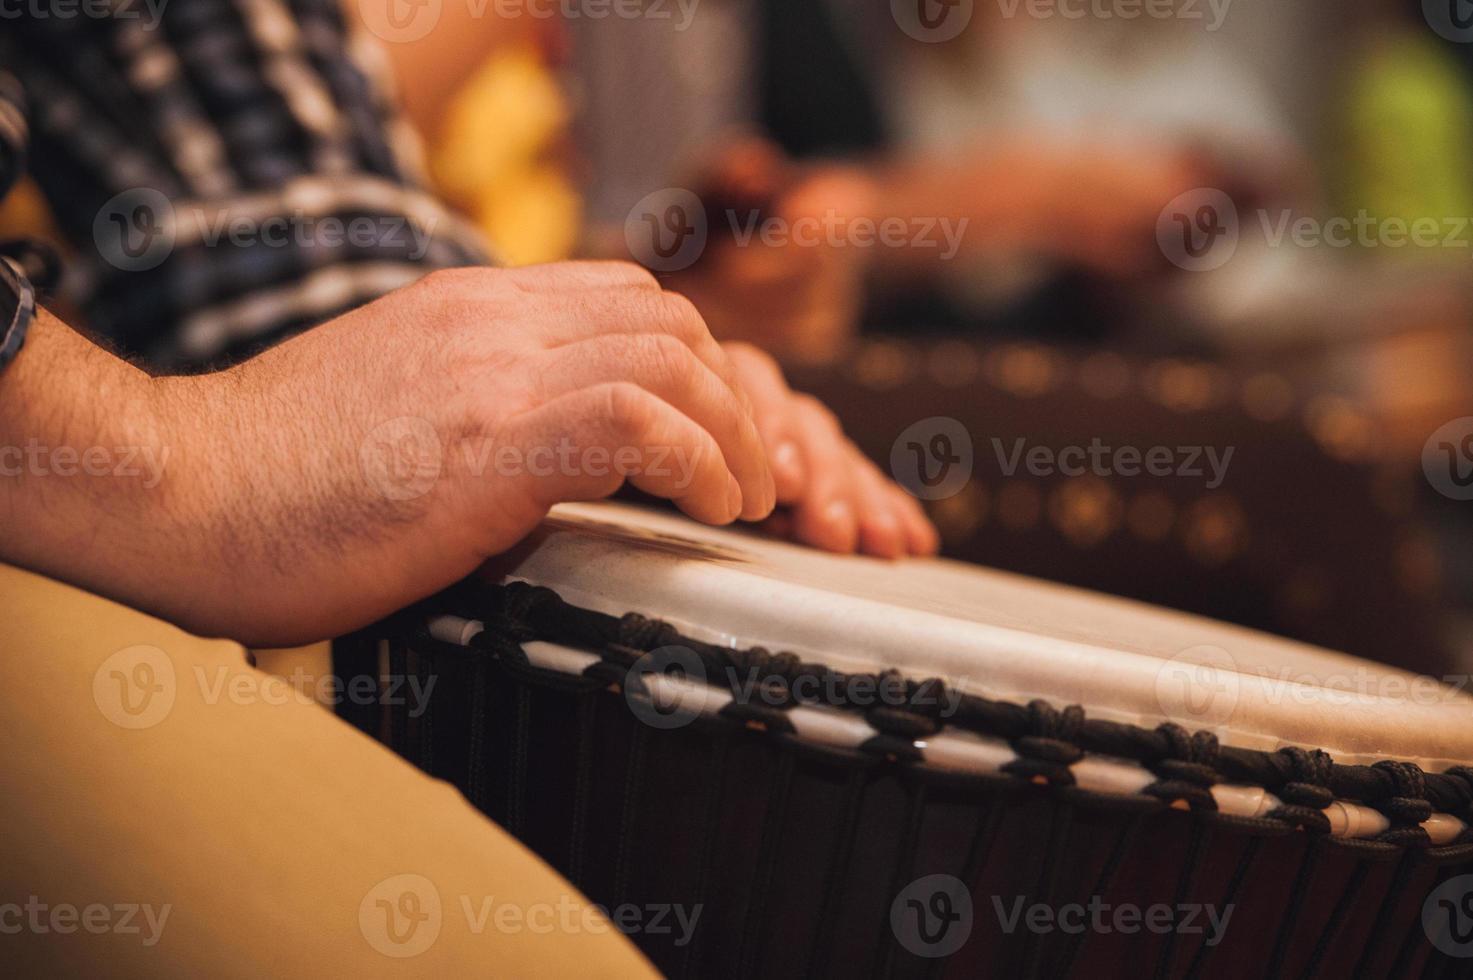 person som spelar på jambe trumma inget ansikte foto